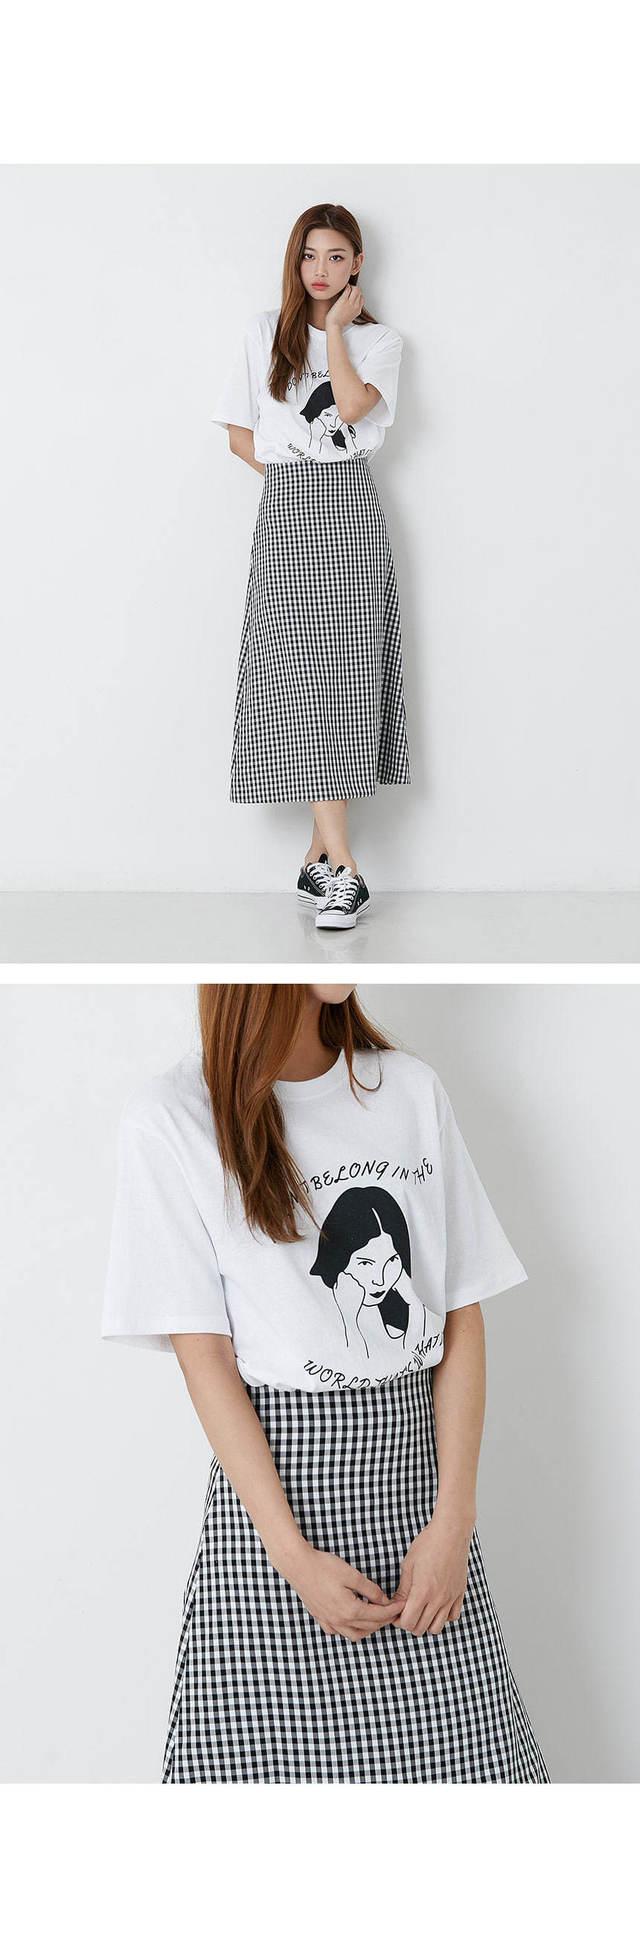 Girl And Tees